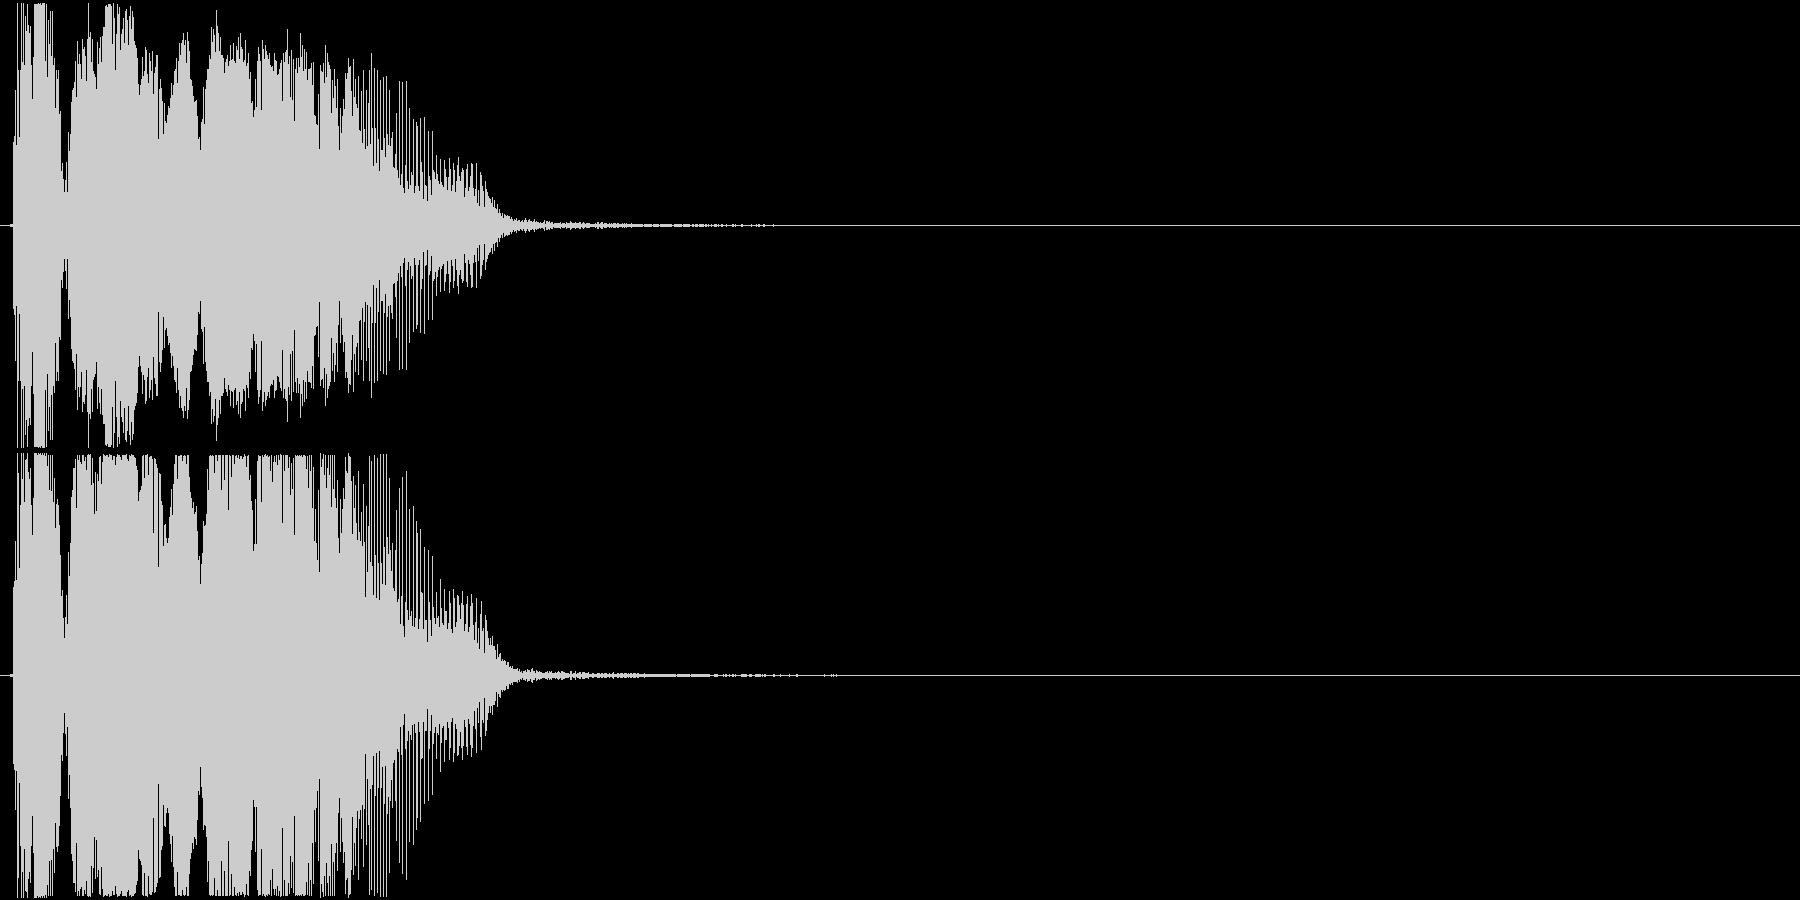 「カモン」アプリ・ゲーム用2の未再生の波形